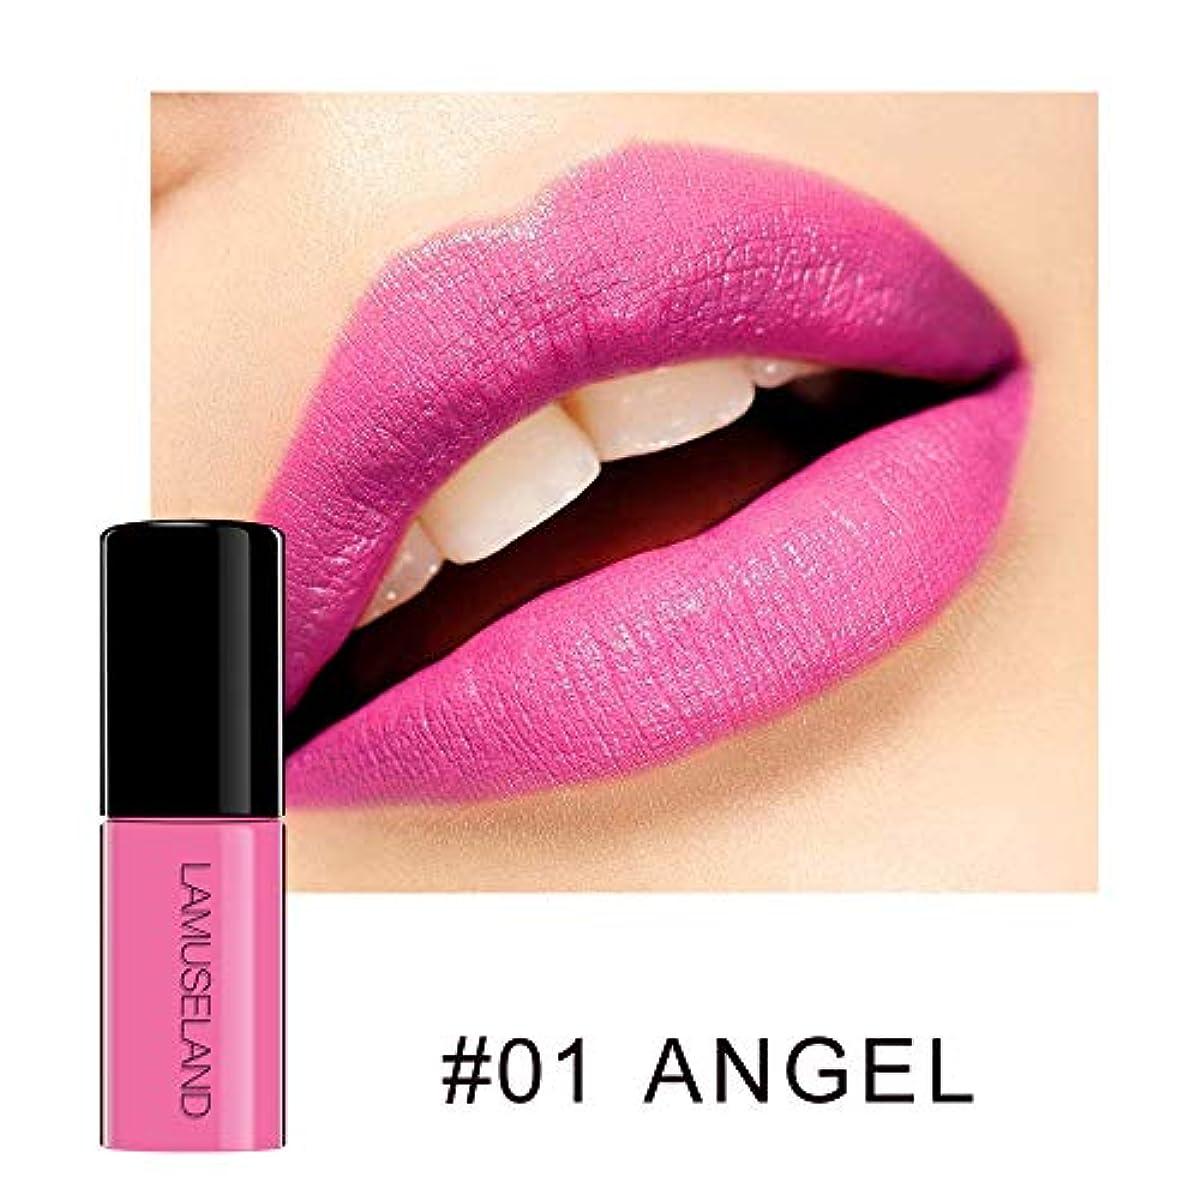 寛大な有名人バットMeterMall 防水長続きがする無光沢の液体の口紅の裸の唇の光沢のビロードの唇の色合いの構造 #01 ANGEL 3.5g